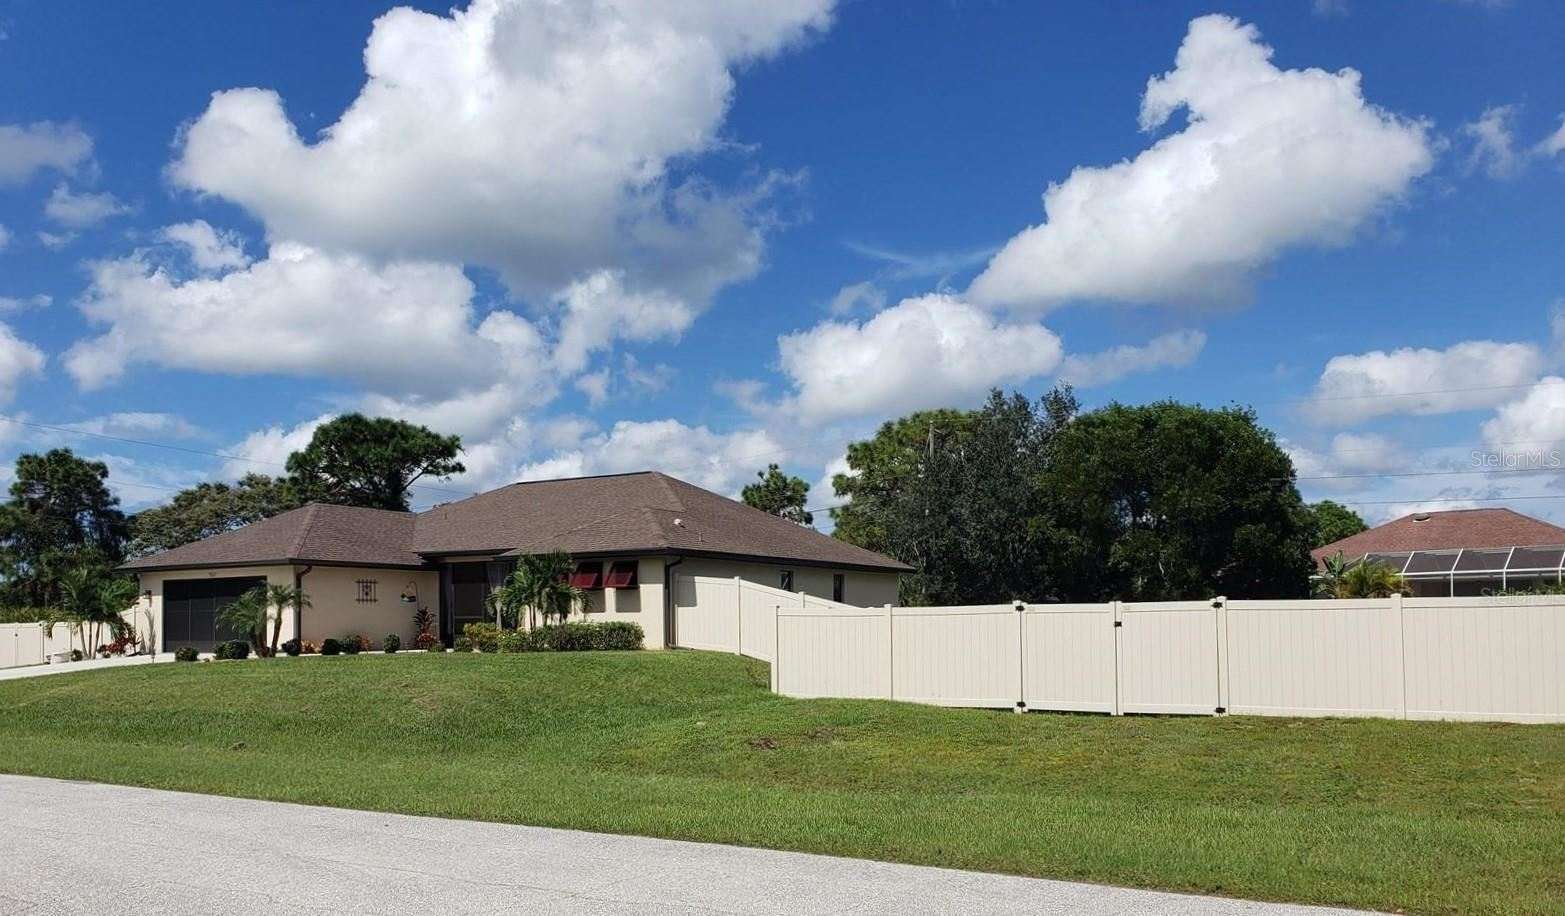 Photo of 7267 CROWN DRIVE, ENGLEWOOD, FL 34224 (MLS # C7449719)